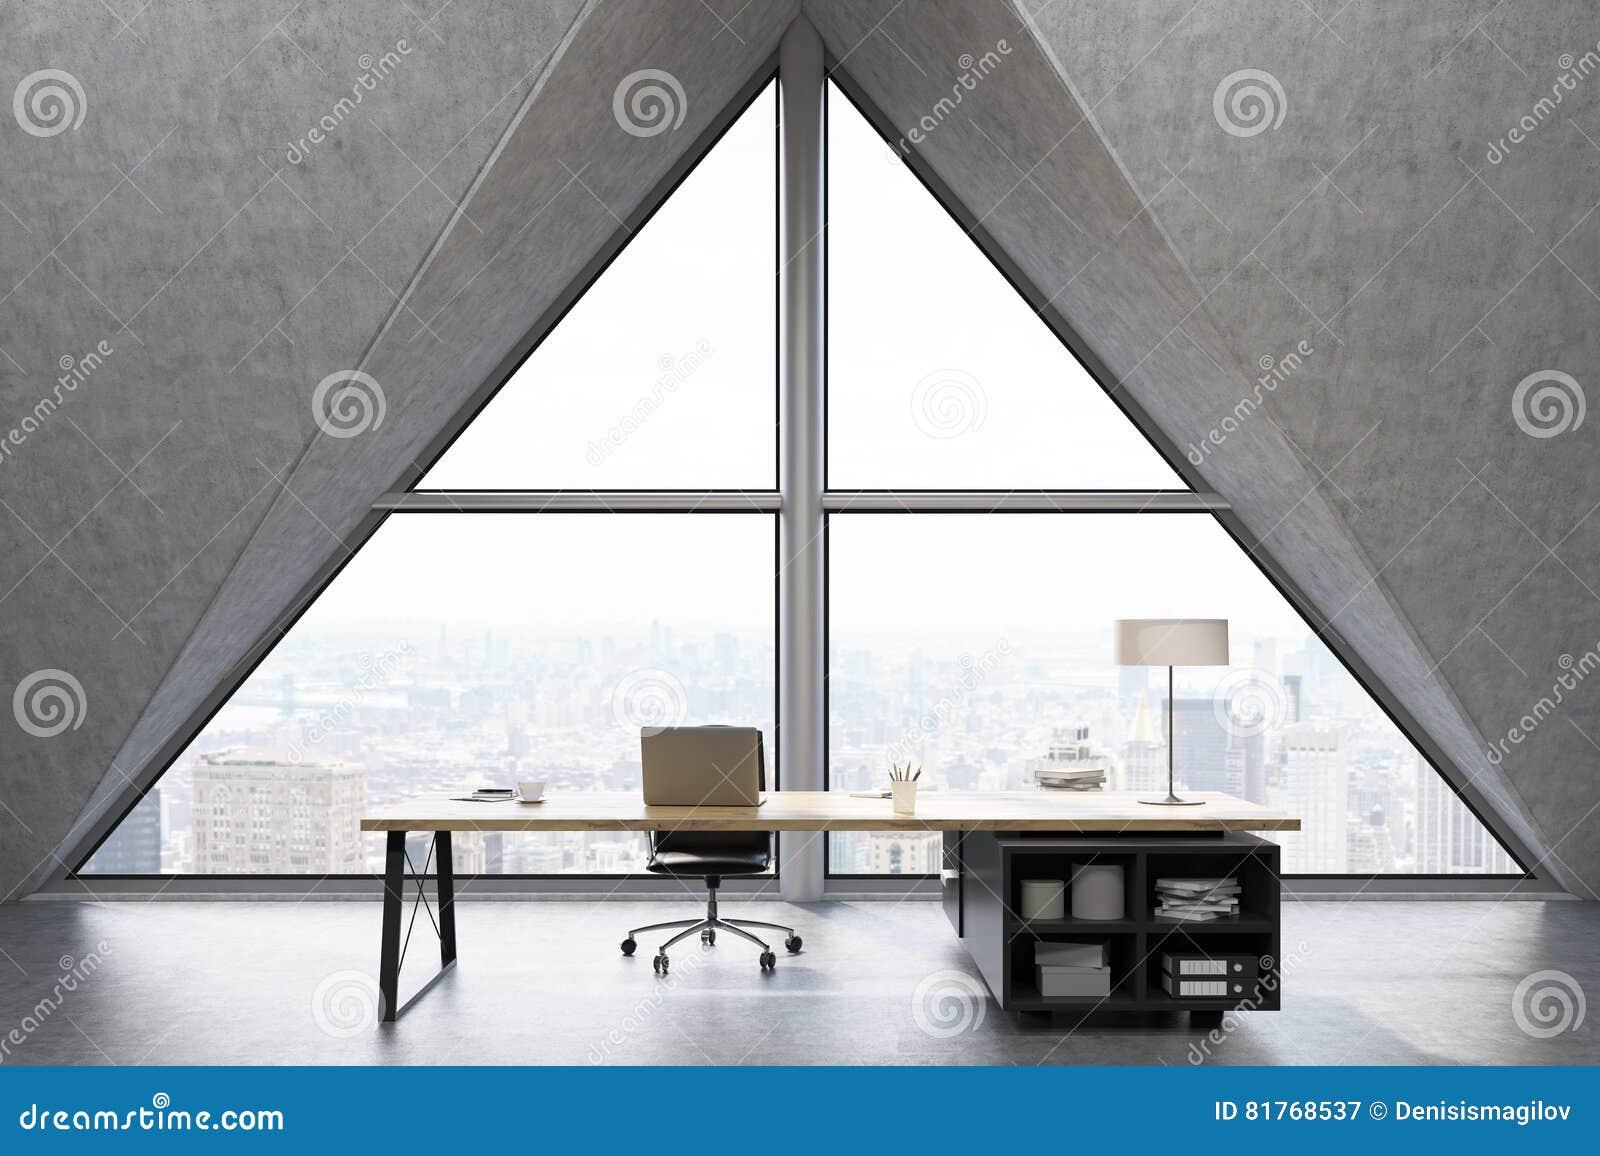 Främre sikt av ett vdkontor med det triangulära fönstret